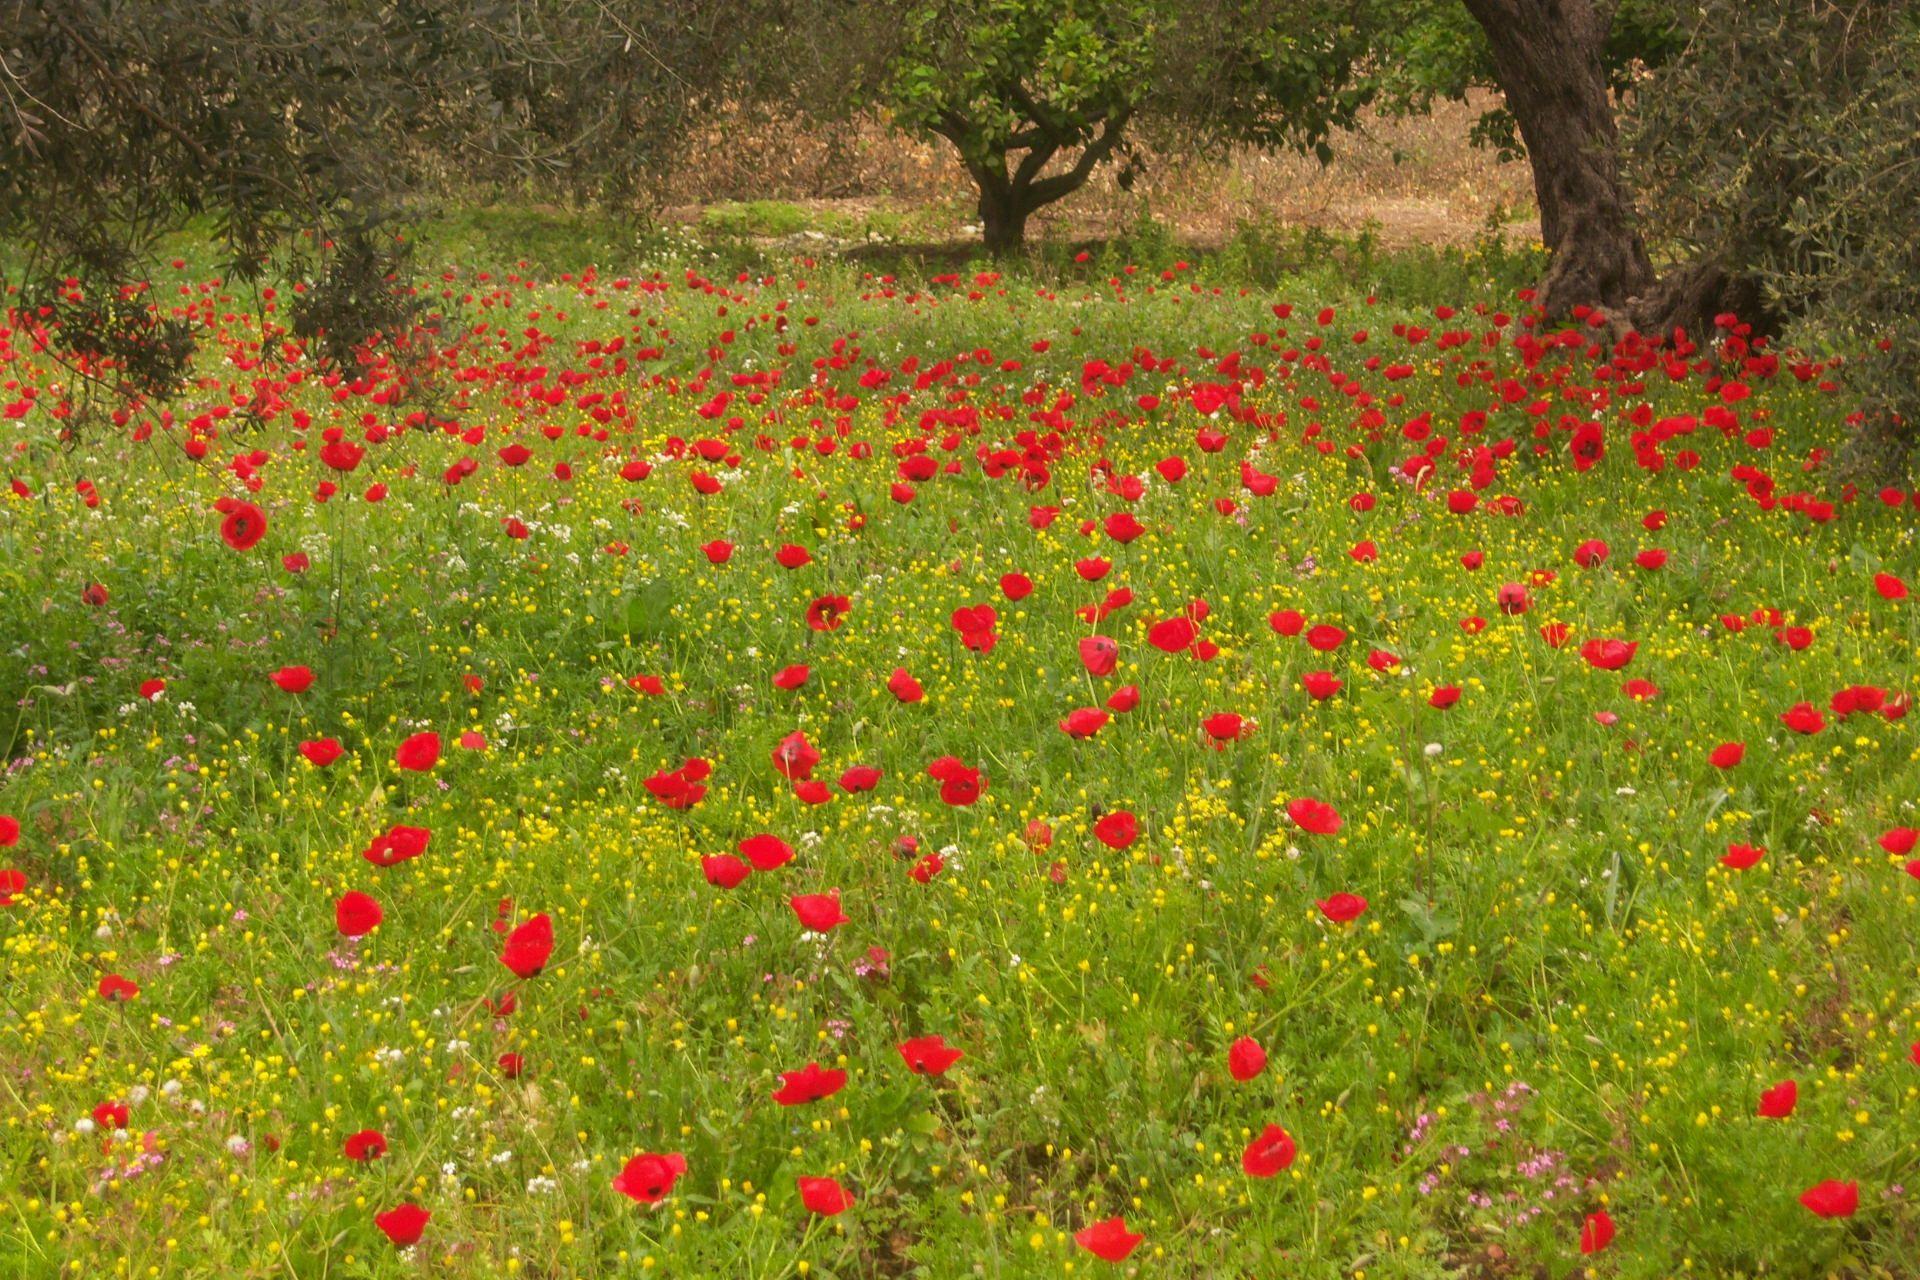 زيتا طولكرم جمالية فصل الربيع في احد سهول ب Www Palestineremembered Com1920 1280buscar Por Imagen Zayta زيتا جمالي Landscape Peppercorn Red Peppercorn